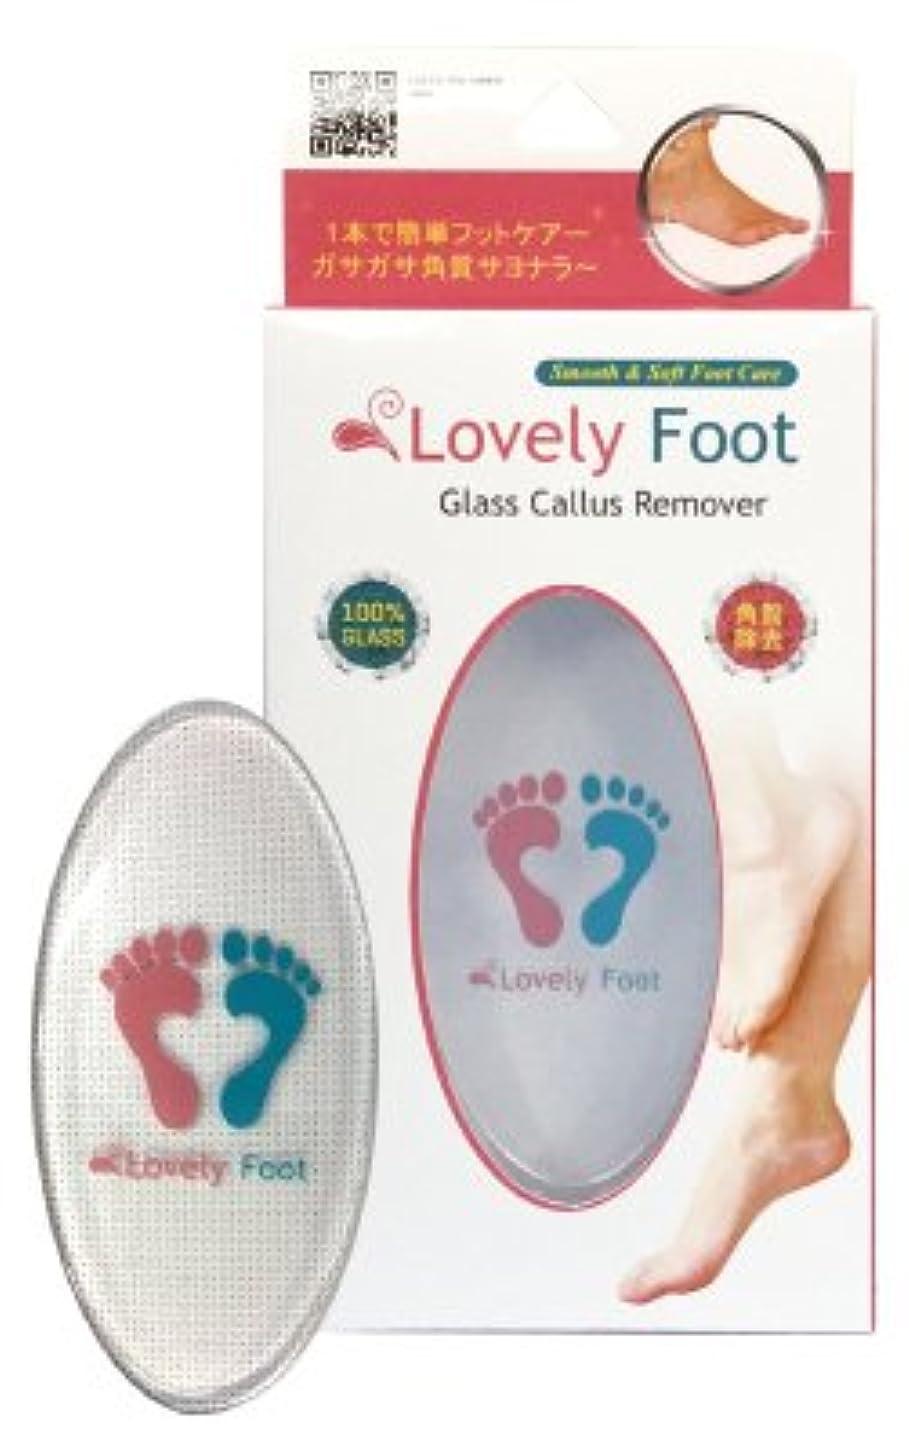 歪めるはねかける空Lovely Foot Glass Callus Remover (ガラス角質取り)